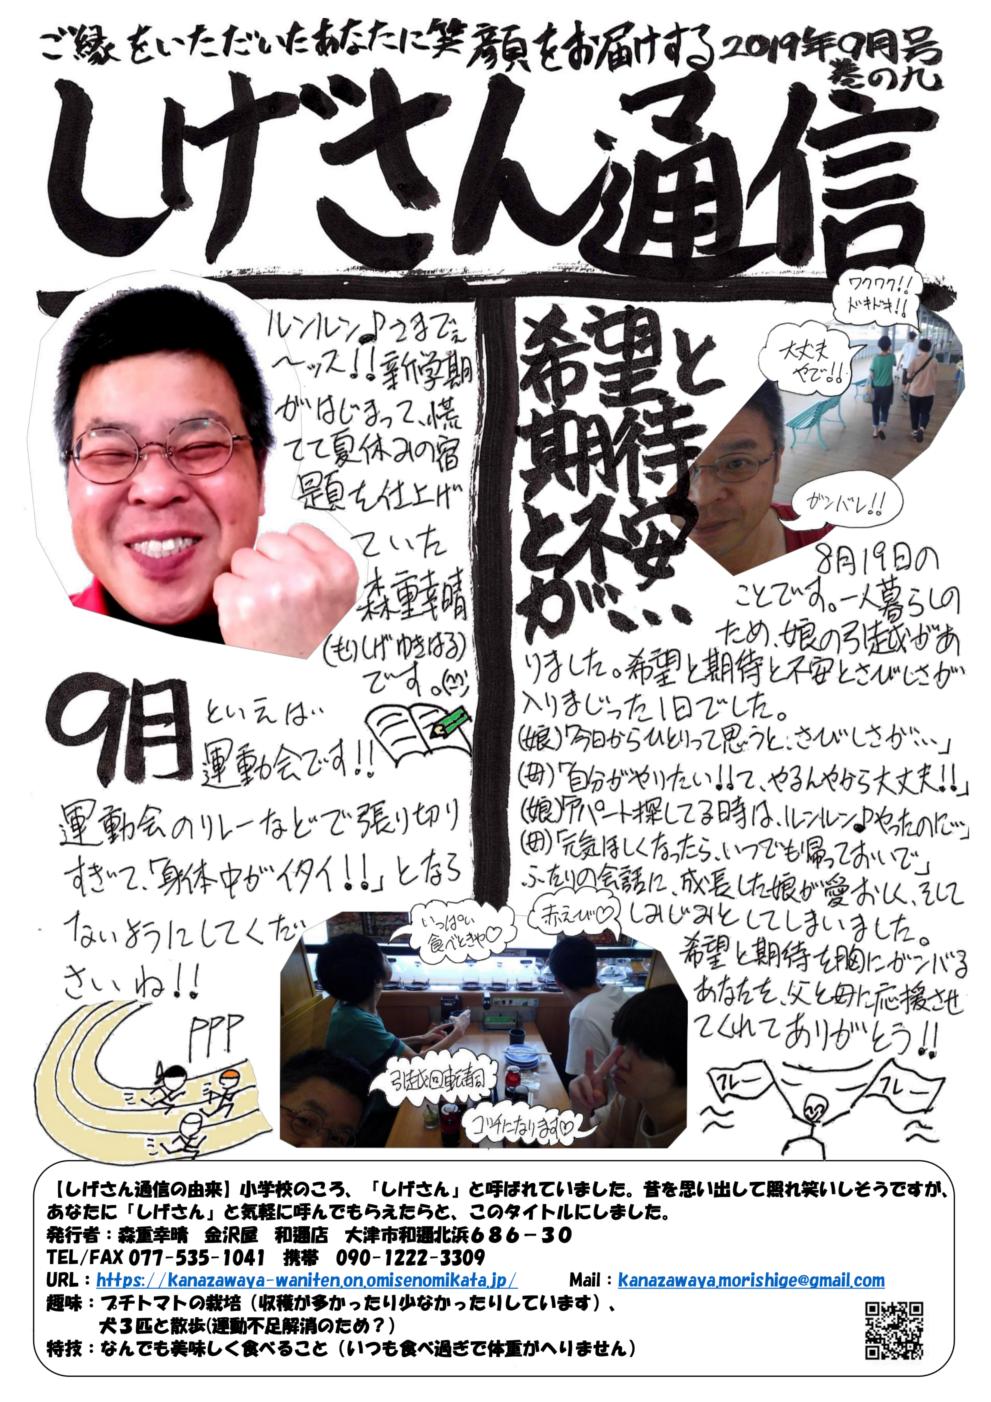 『しげさん通信』2019年9月号 巻の九